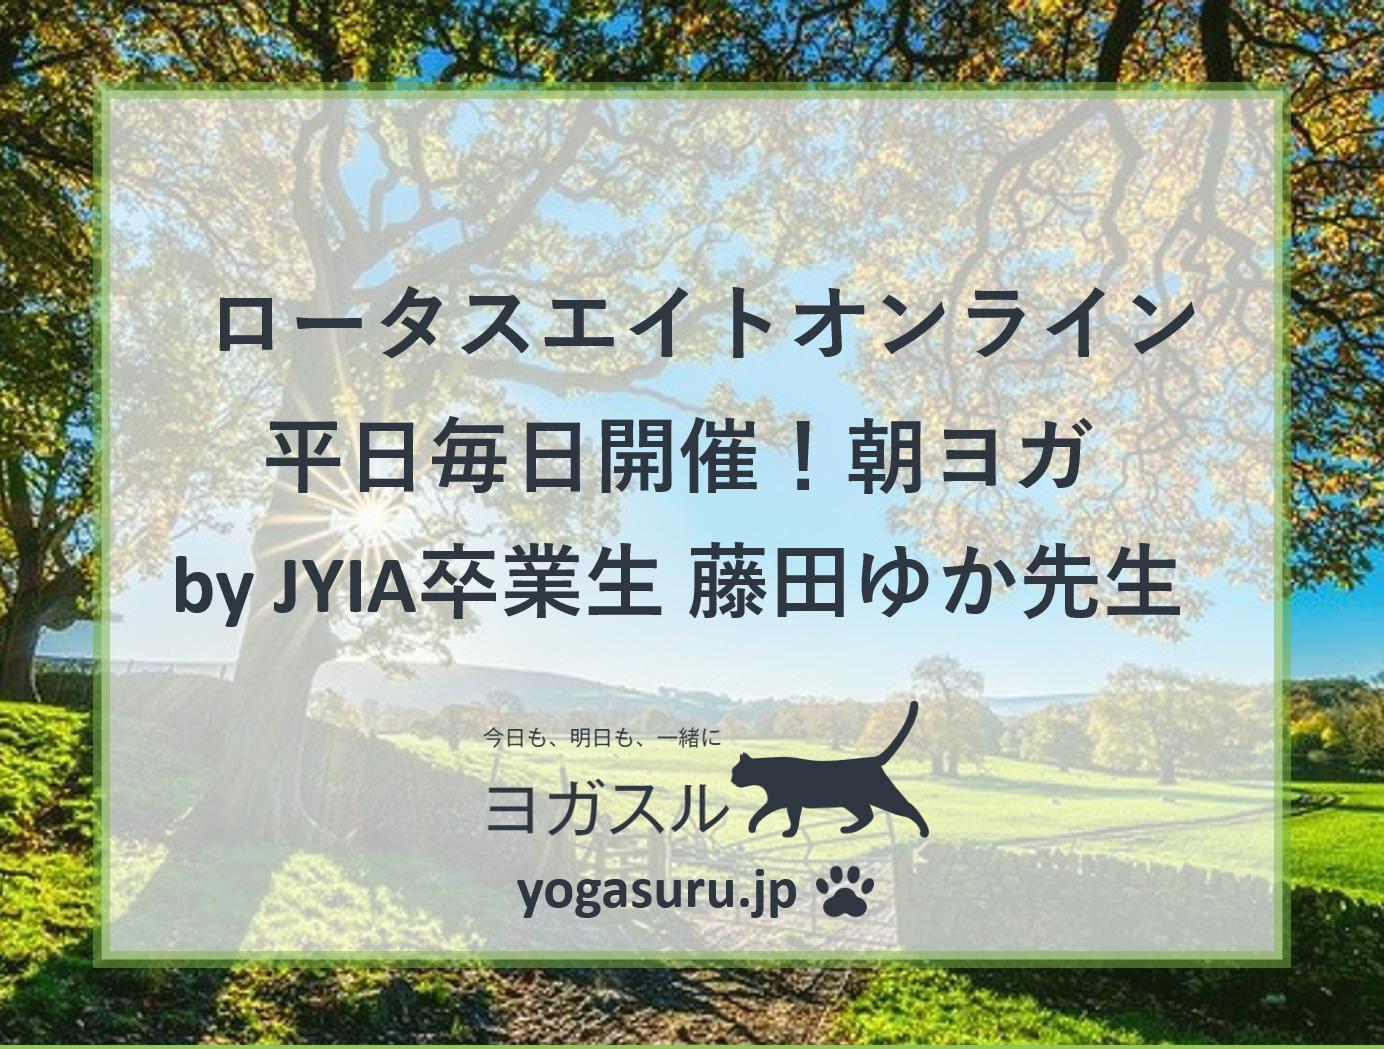 平日毎日!ロータスエイトオンライン朝ヨガ by JYIA卒 藤田先生